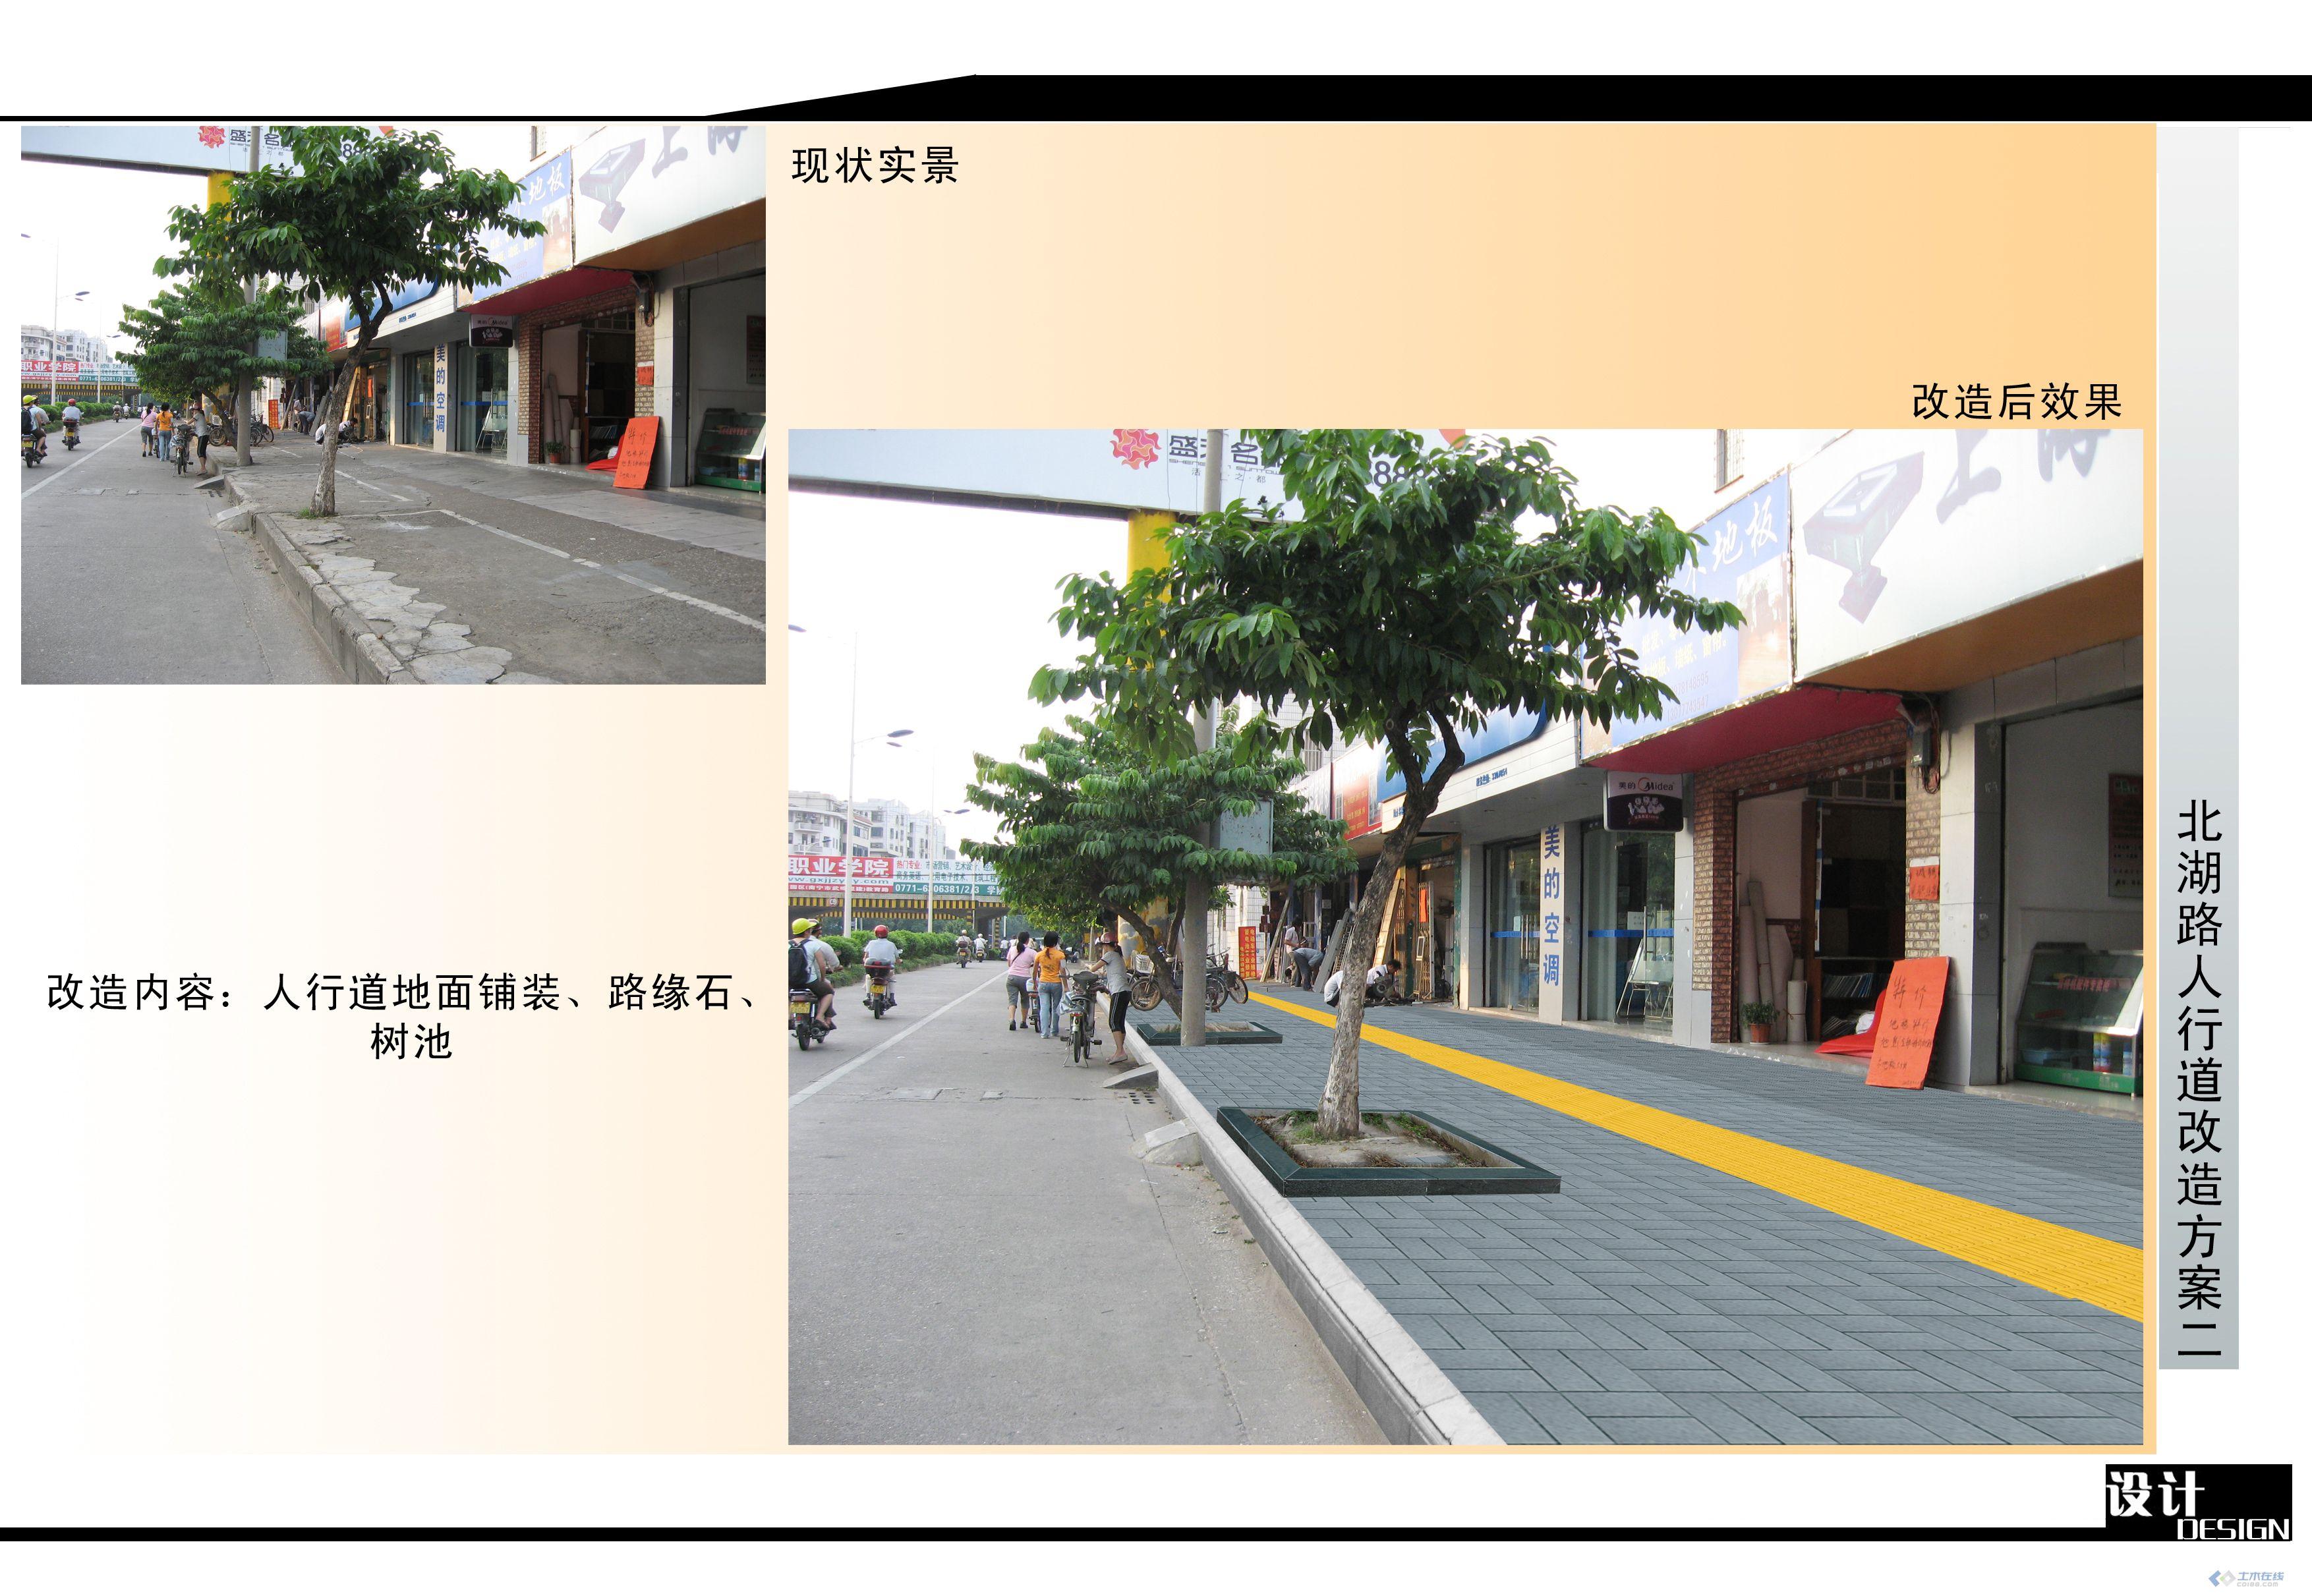 欢迎上传人行道砖的实景铺砌图片,谢谢